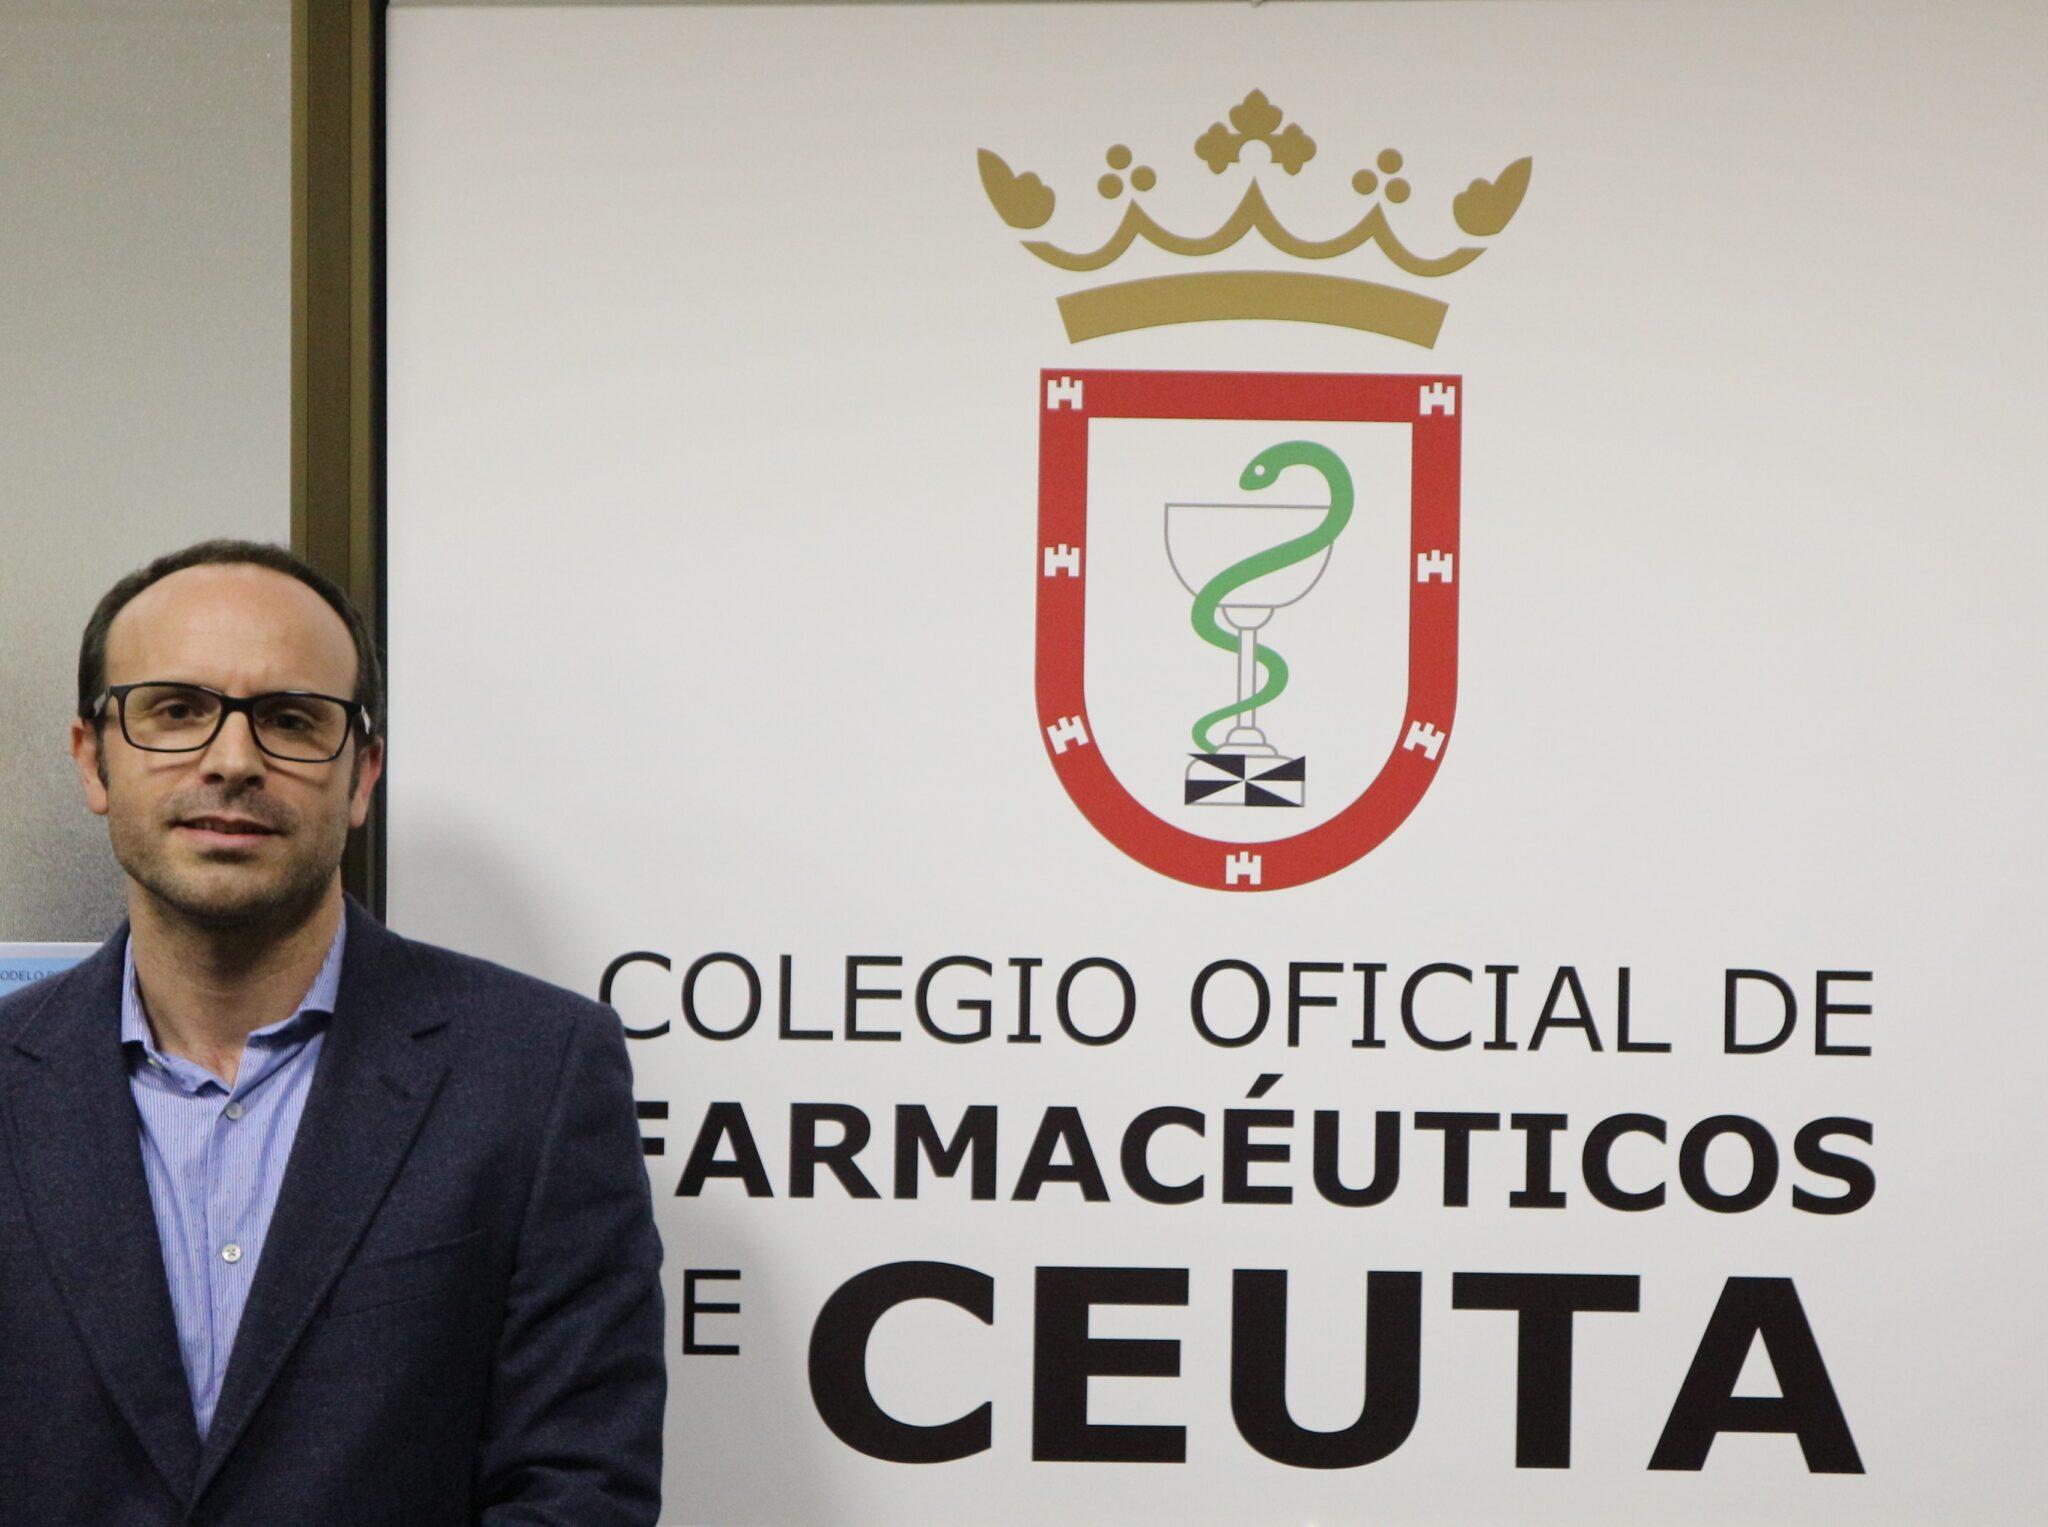 Fernando Peguero Moreno